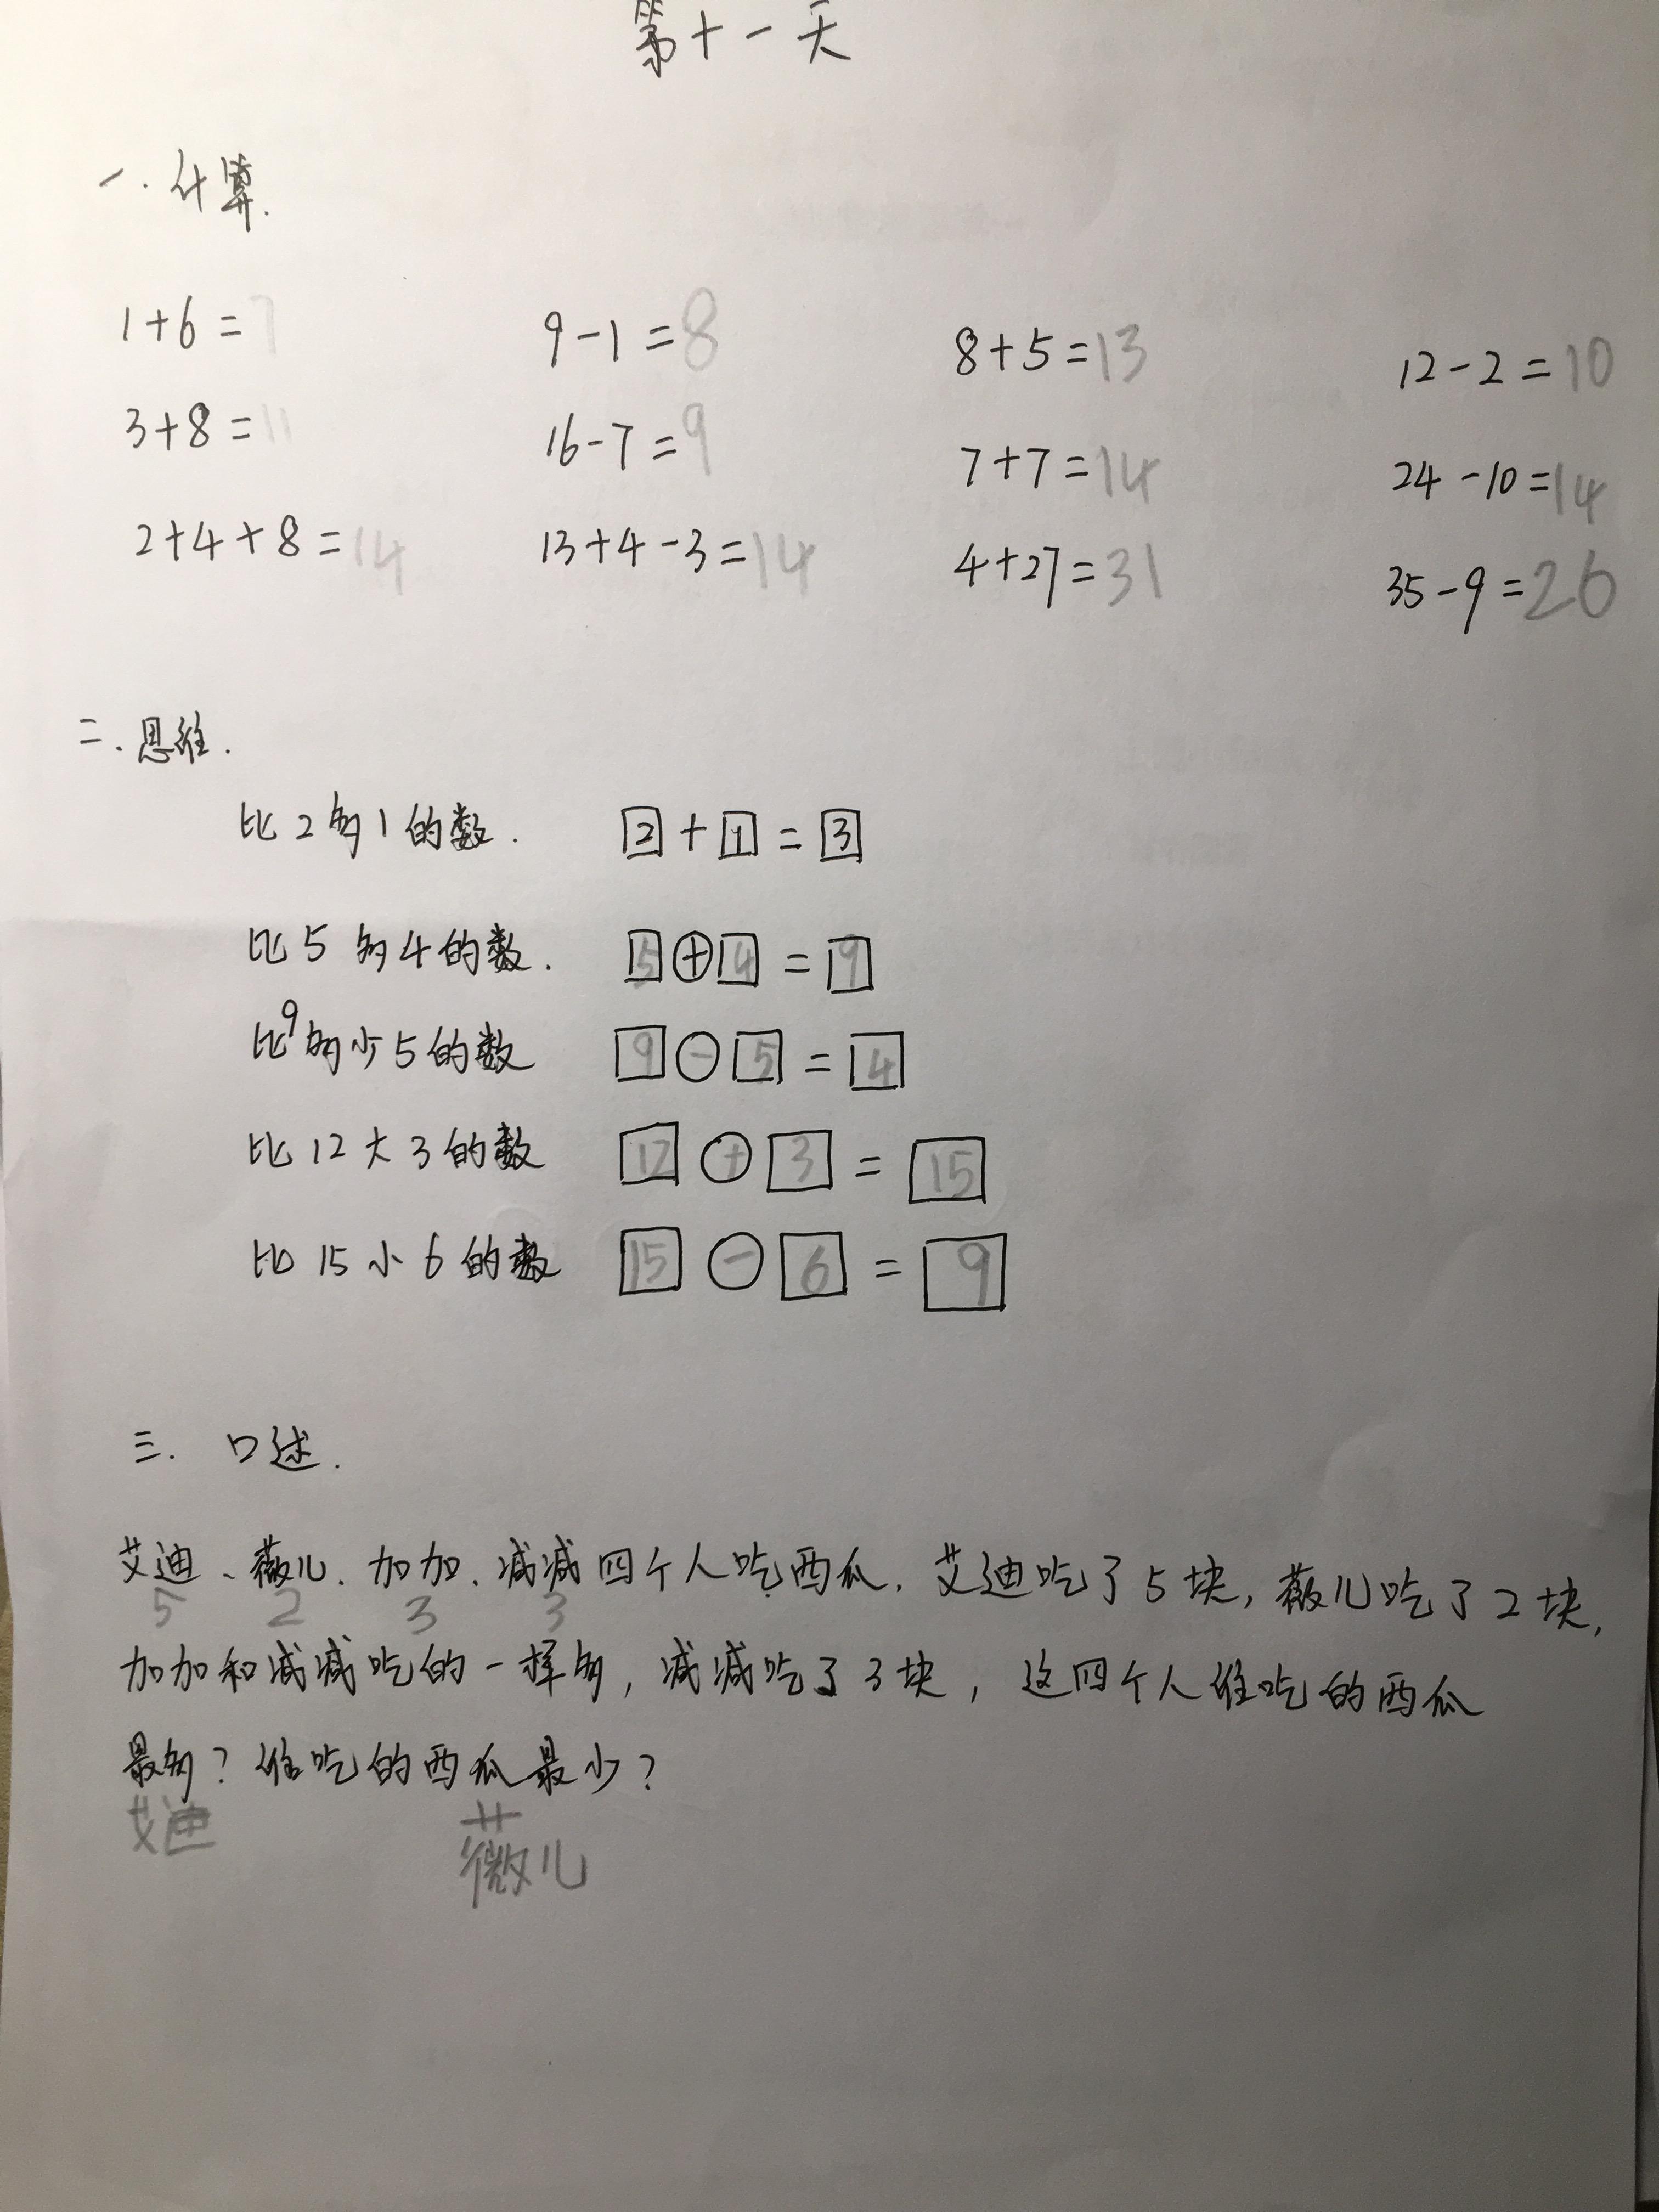 239FB818-A904-44A1-AB2F-45BB13137AB1.jpg